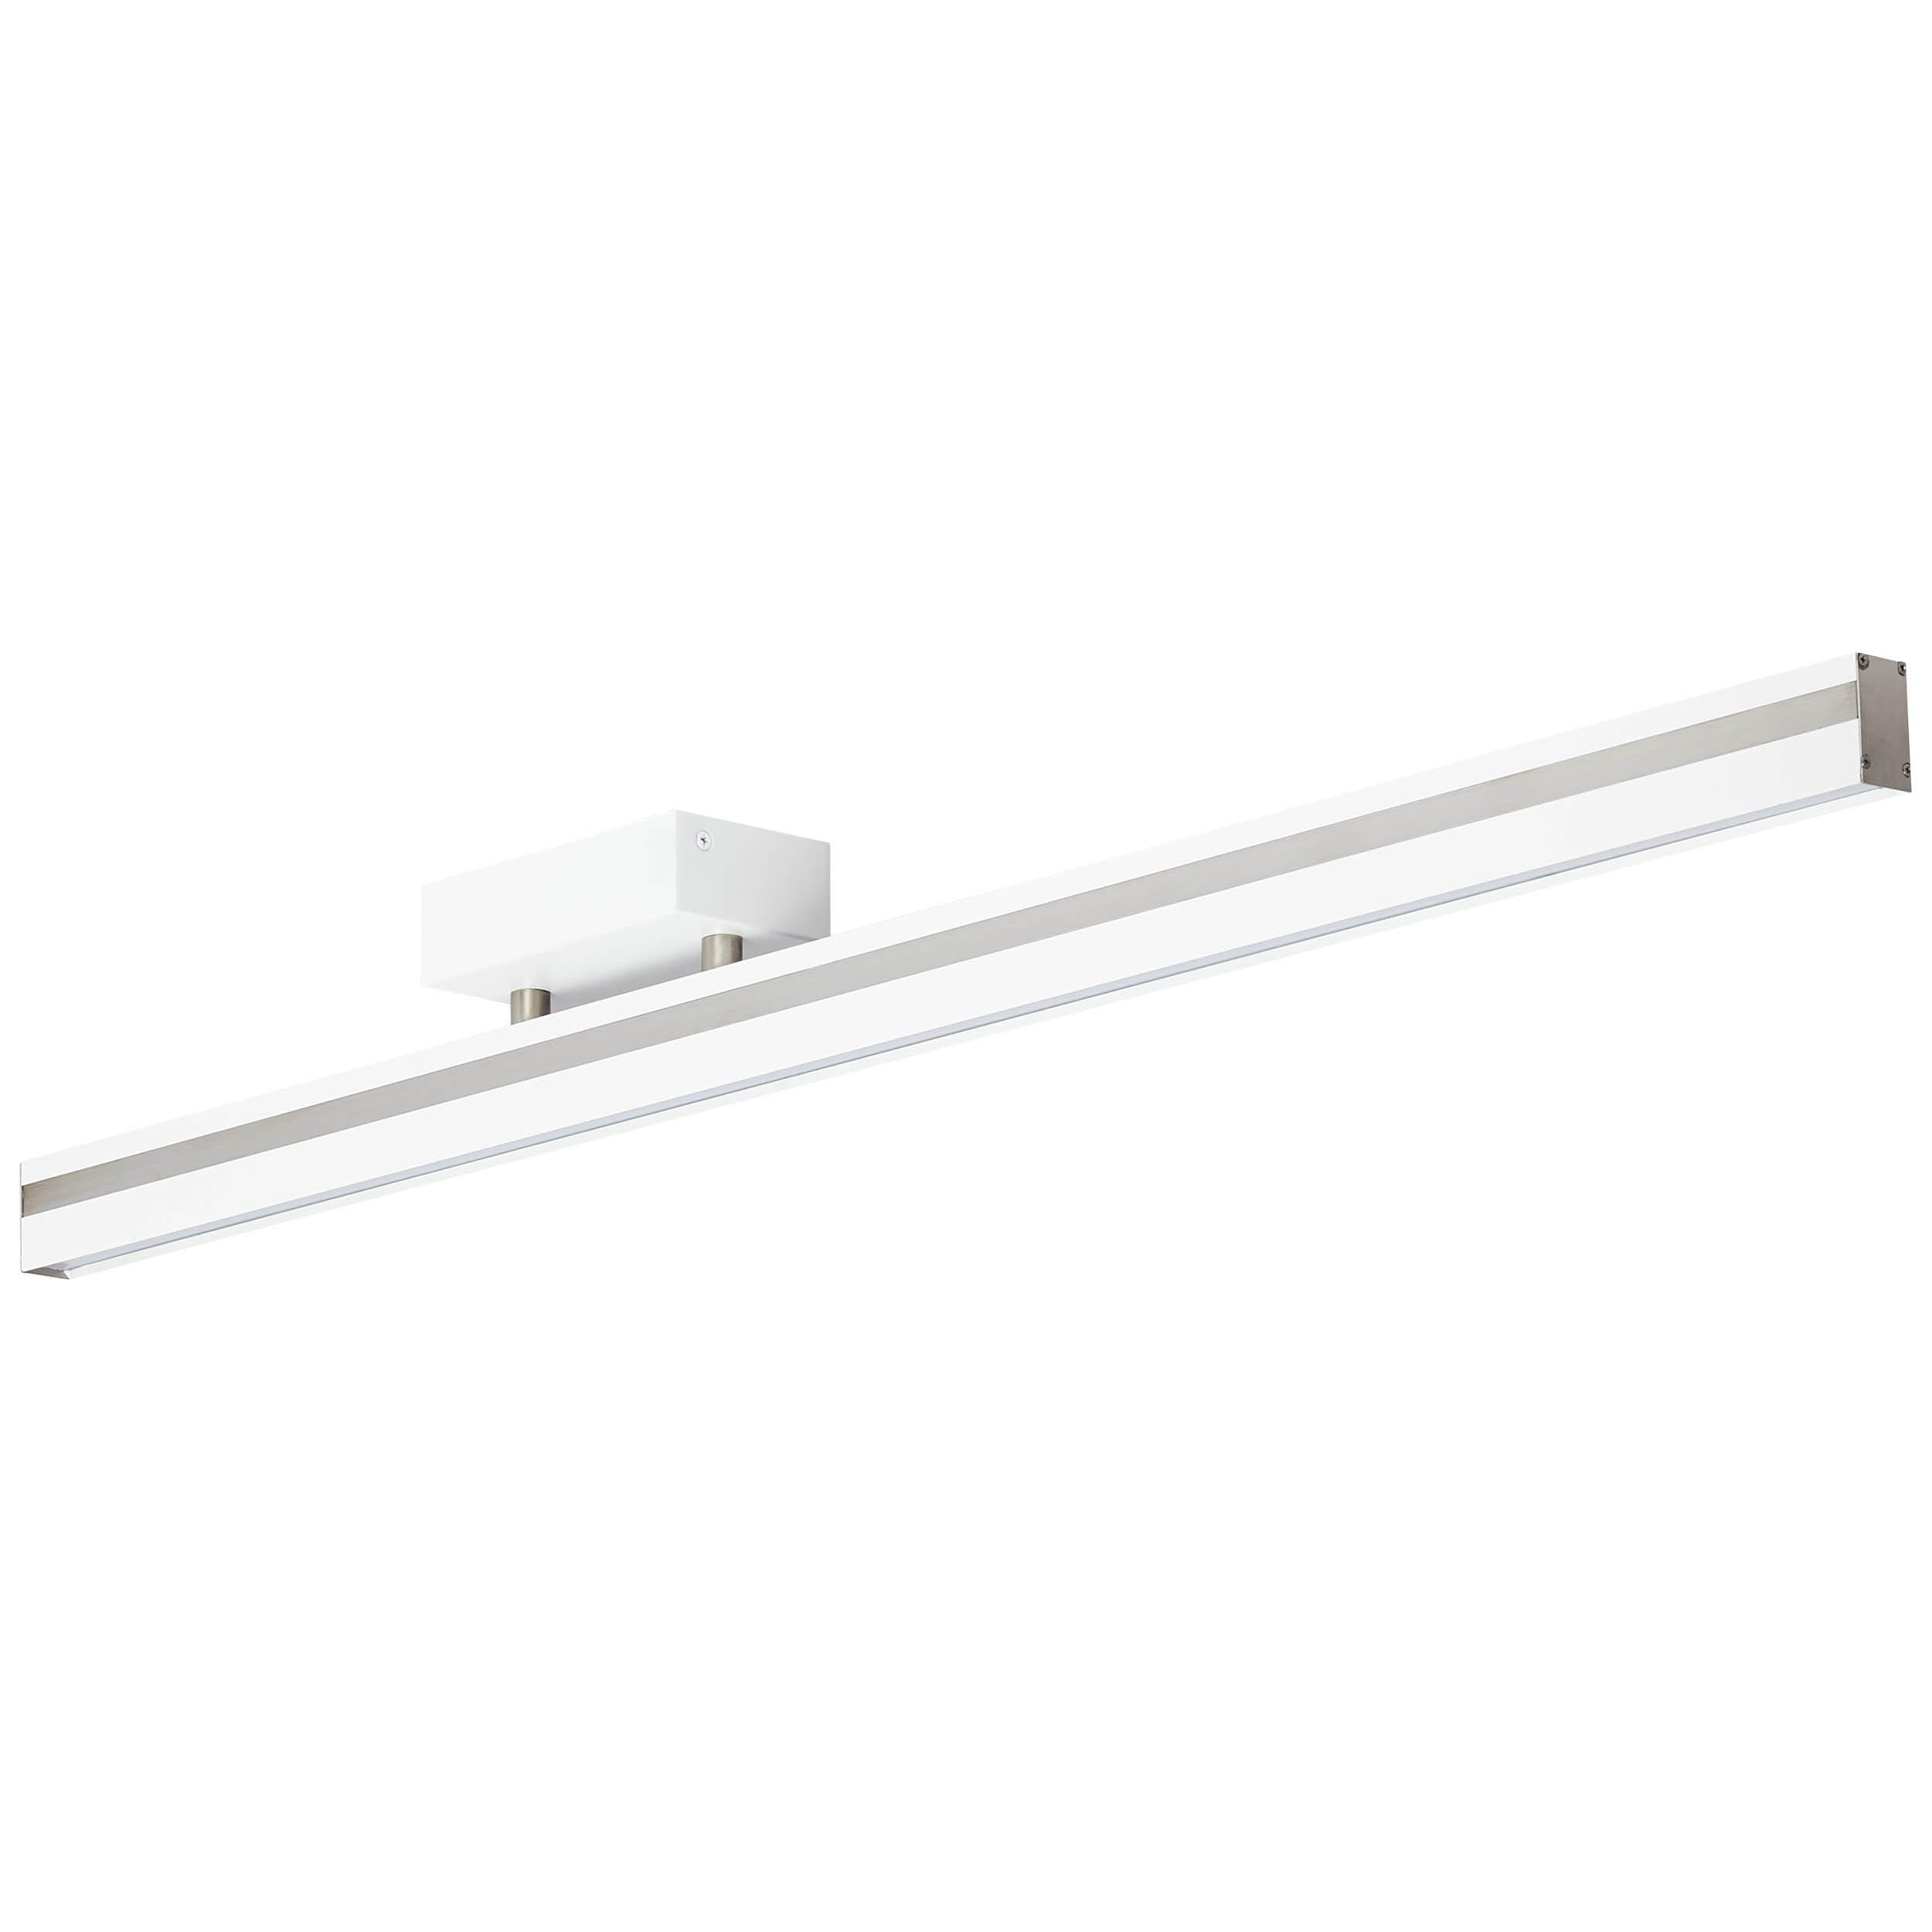 Brilliant Leuchten Slim LED Deckenleuchte 1flg weiß/nickel-matt easyDim